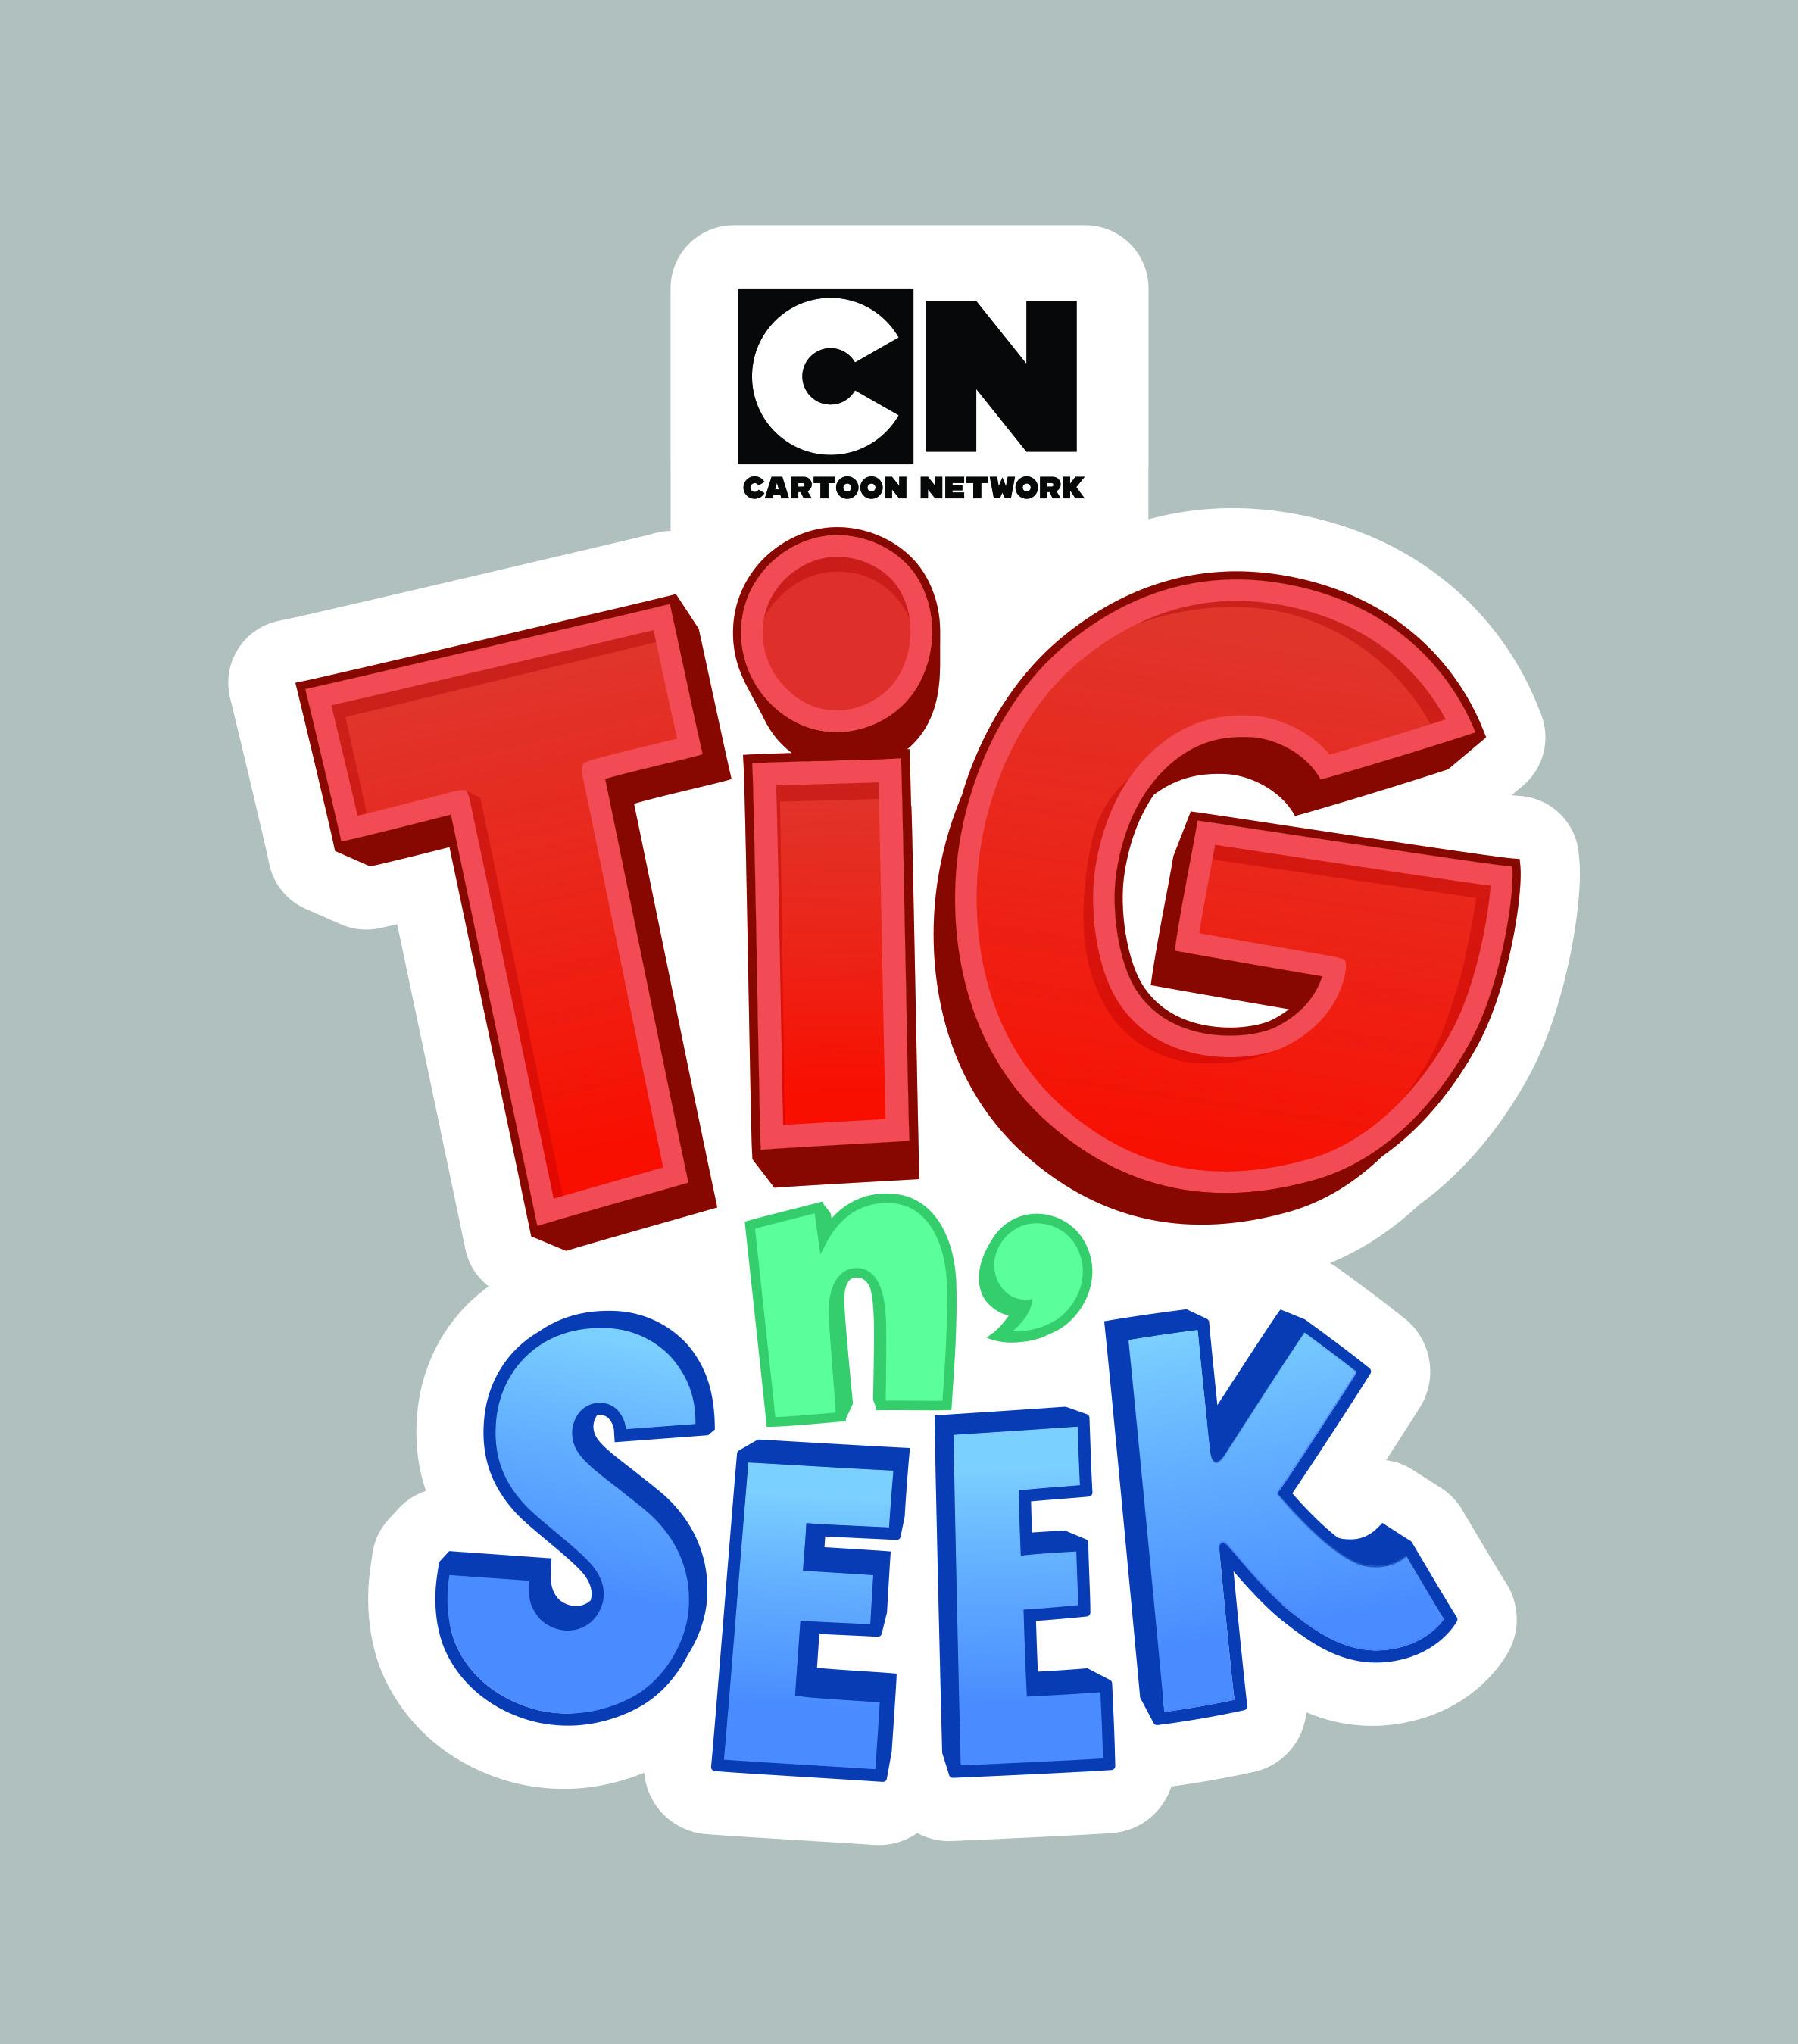 cartoon network va lansa anul acesta noi seriale de animatie Cartoon Network va lansa anul acesta noi seriale de animatie Tig n Seek    Cartoon Network